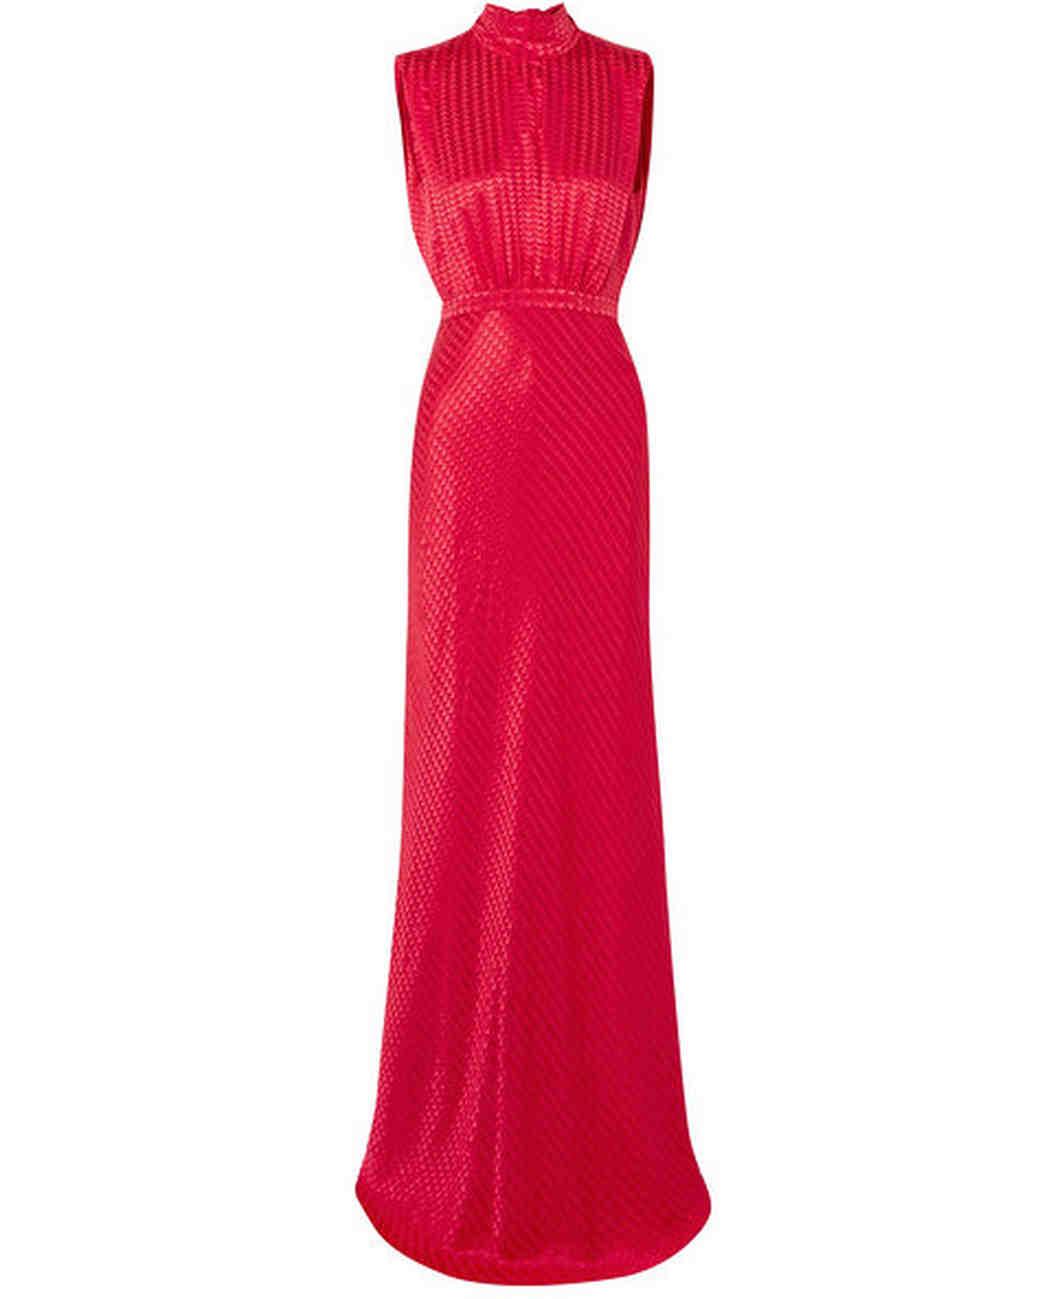 red high-collar silk dress